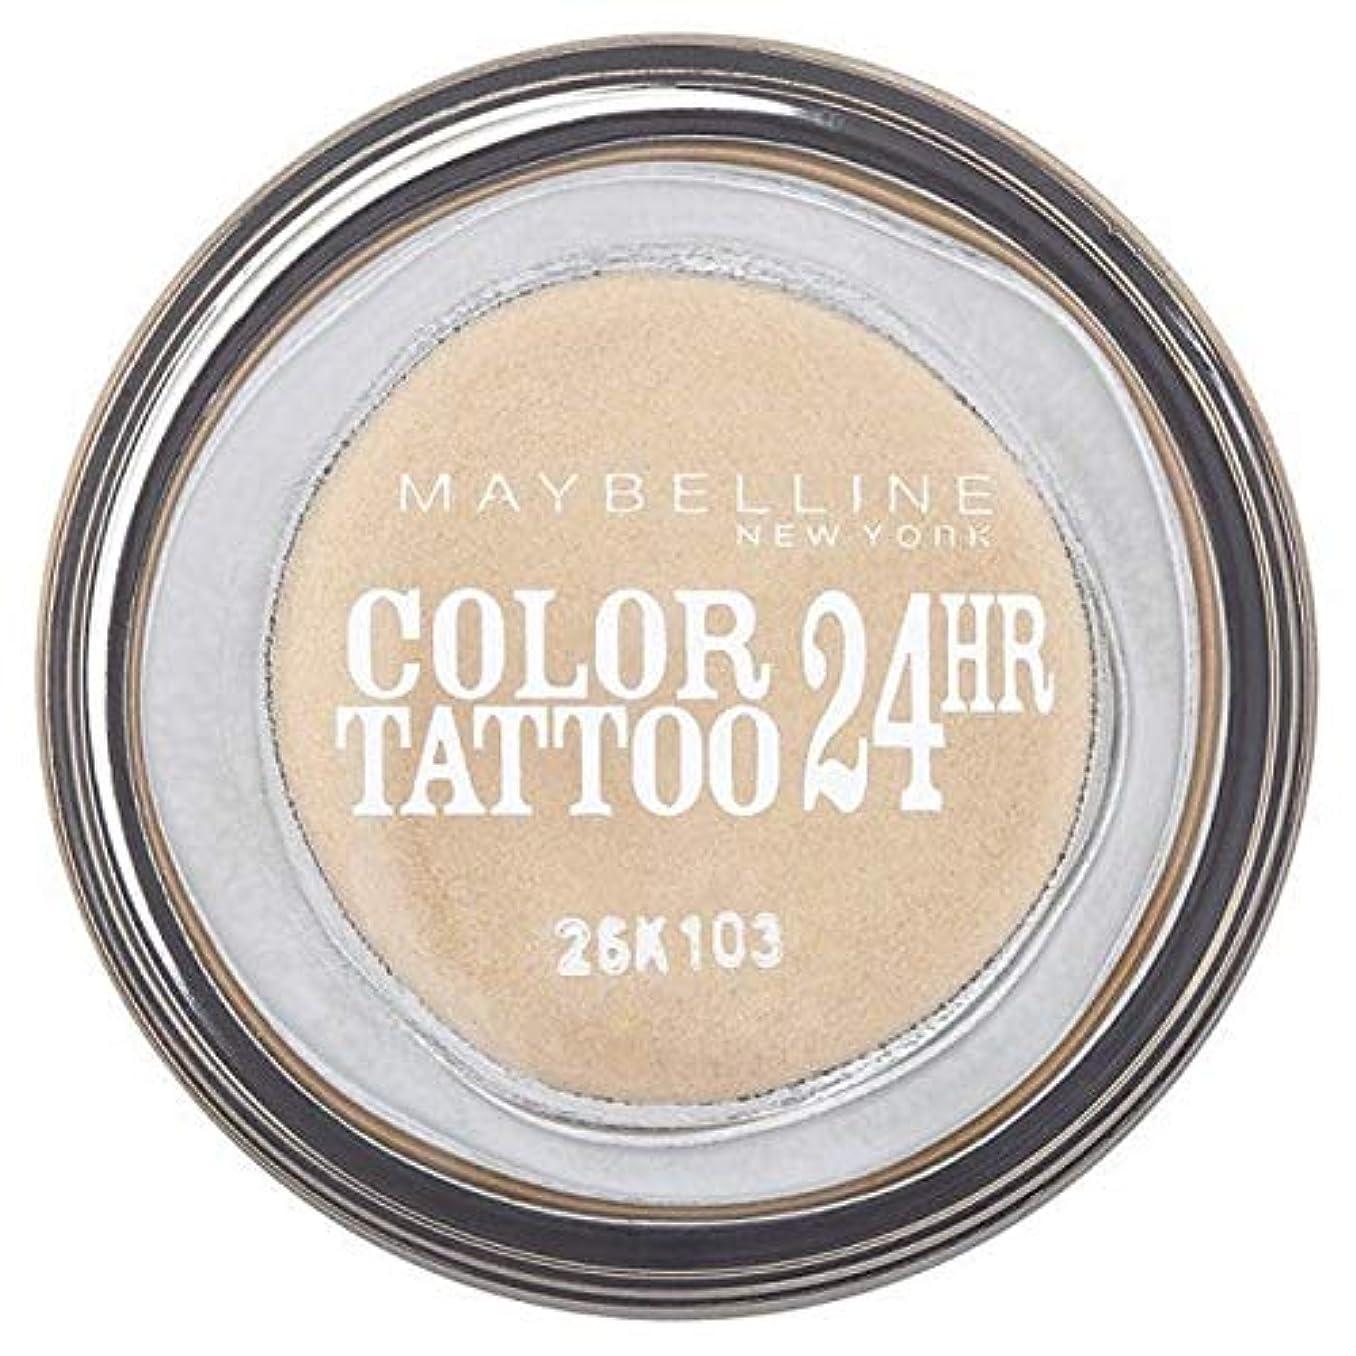 太陽ボイコットラボ[Maybelline ] シングルアイシャドウ05金24時間メイベリンカラータトゥー - Maybelline Color Tattoo 24Hr Single Eyeshadow 05 Gold [並行輸入品]